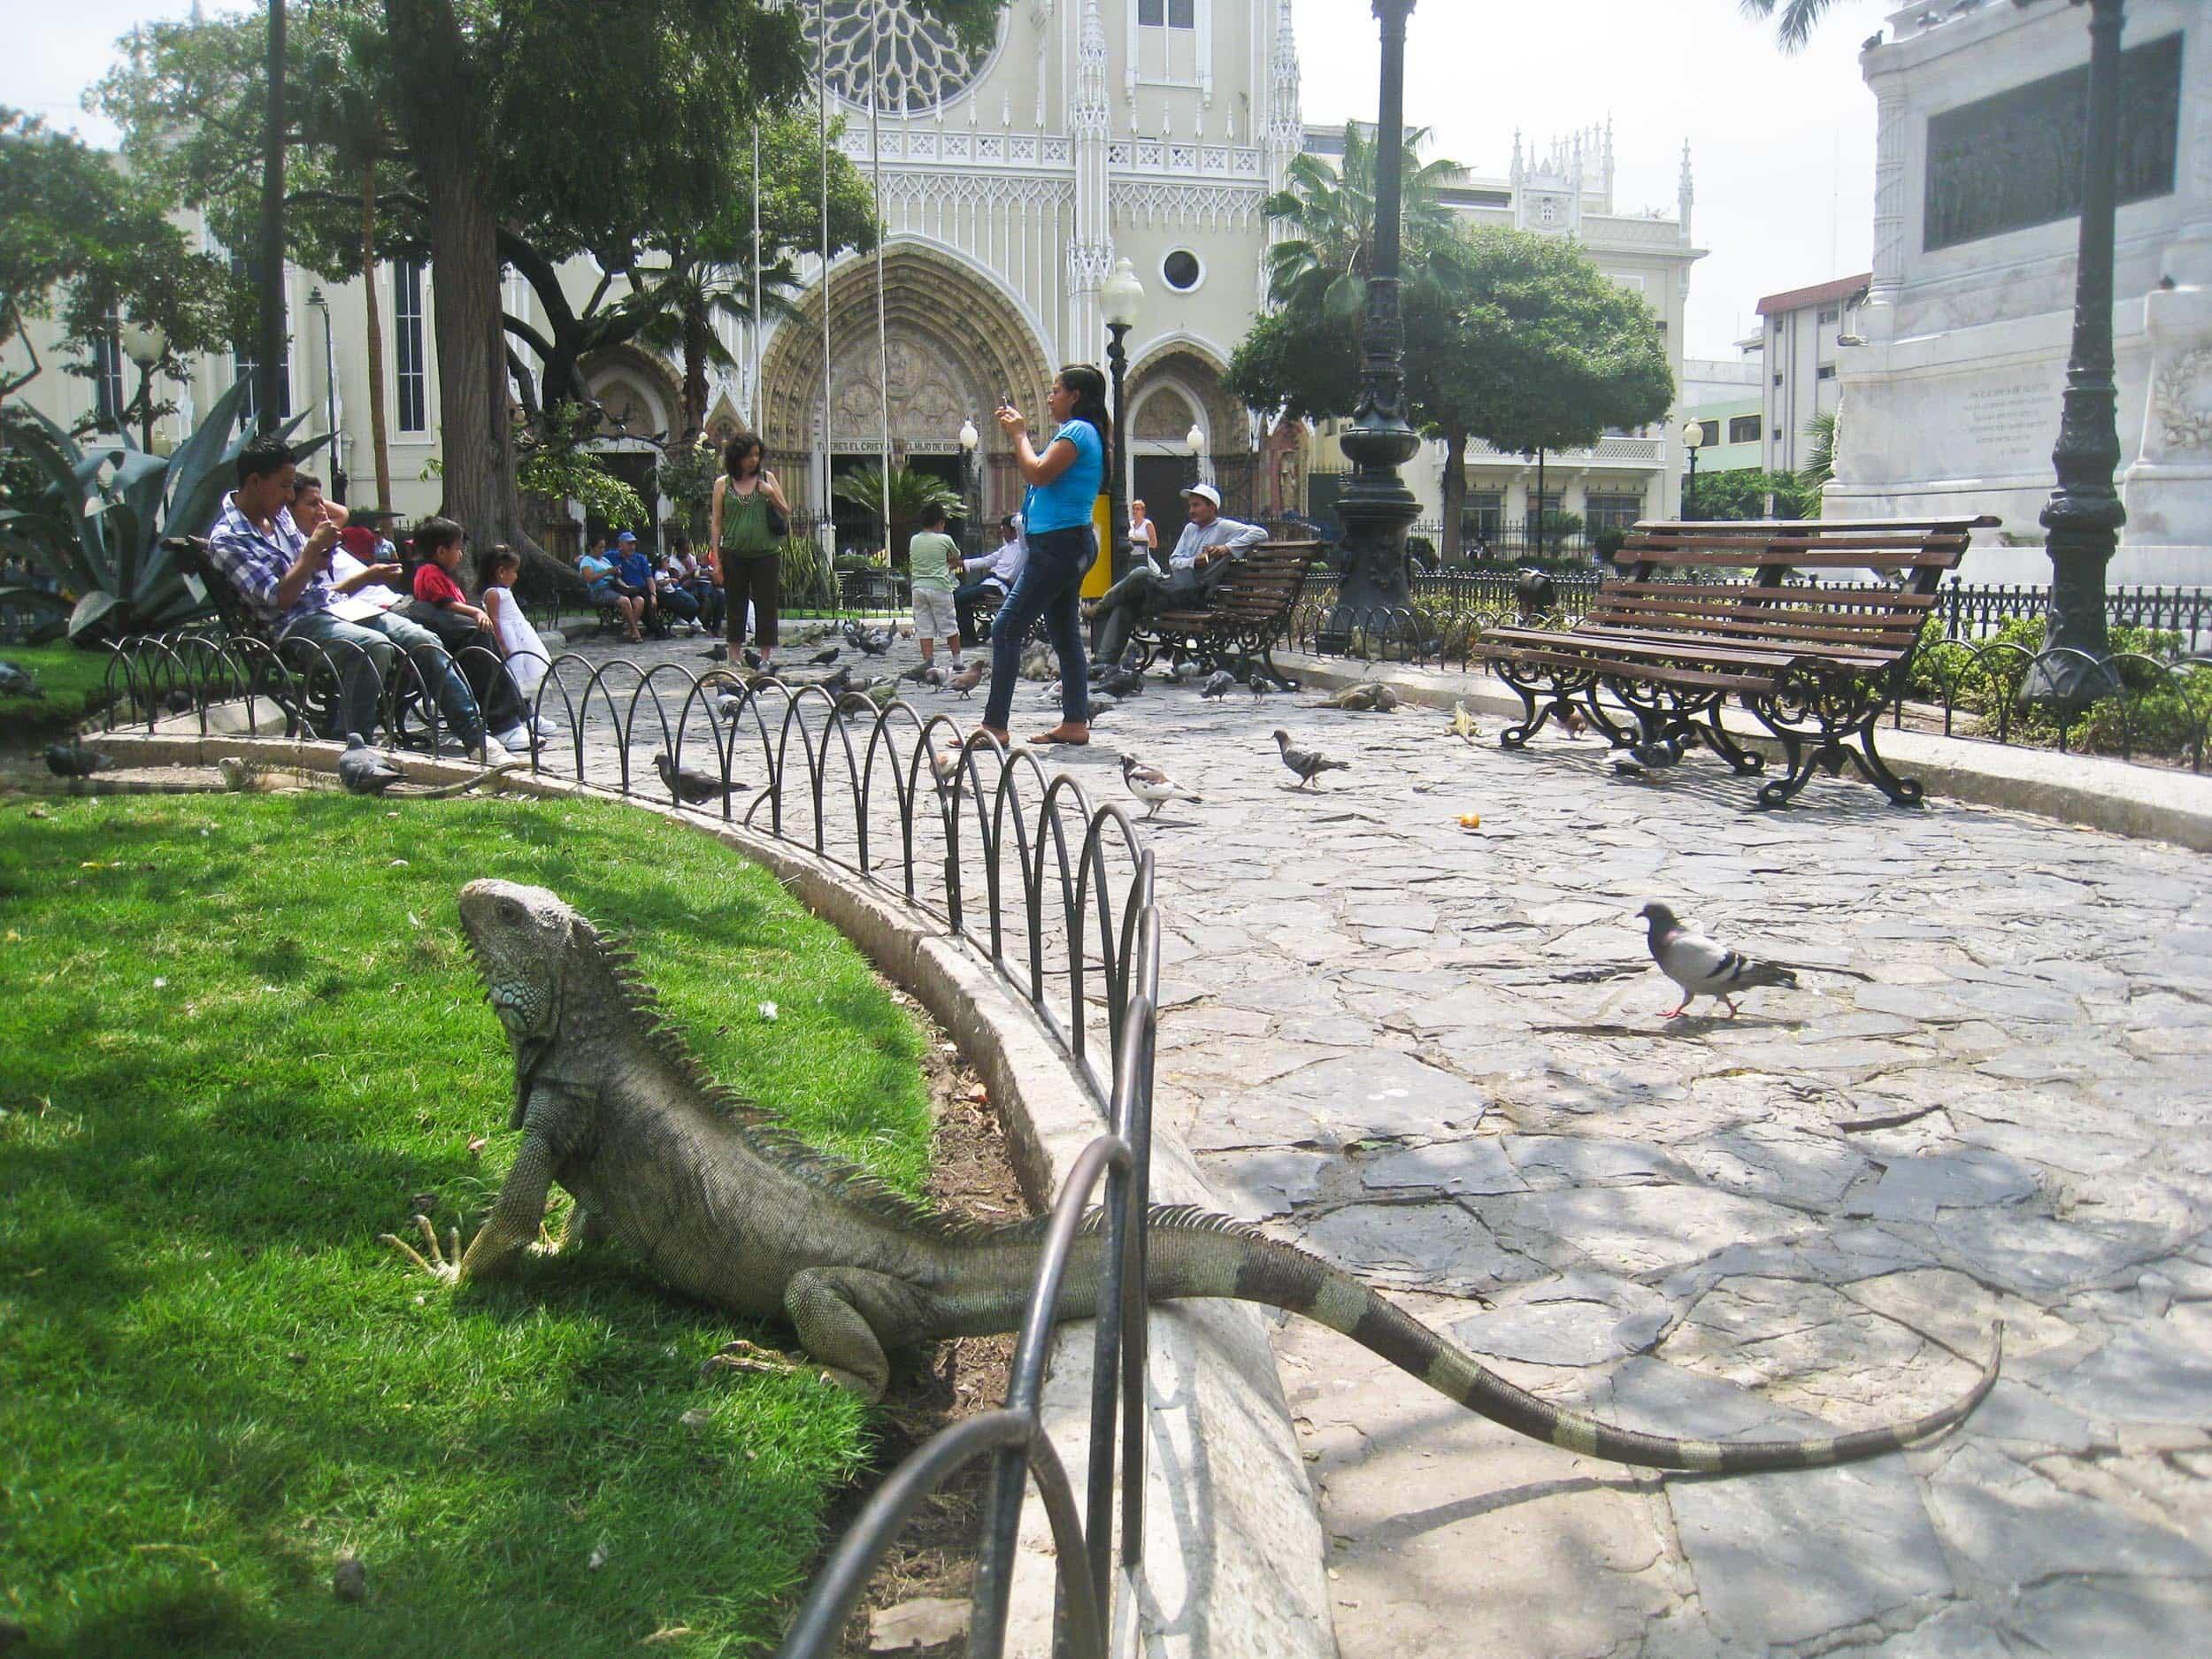 Iguana in Parque Seminario - Guayaquil, Ecuador